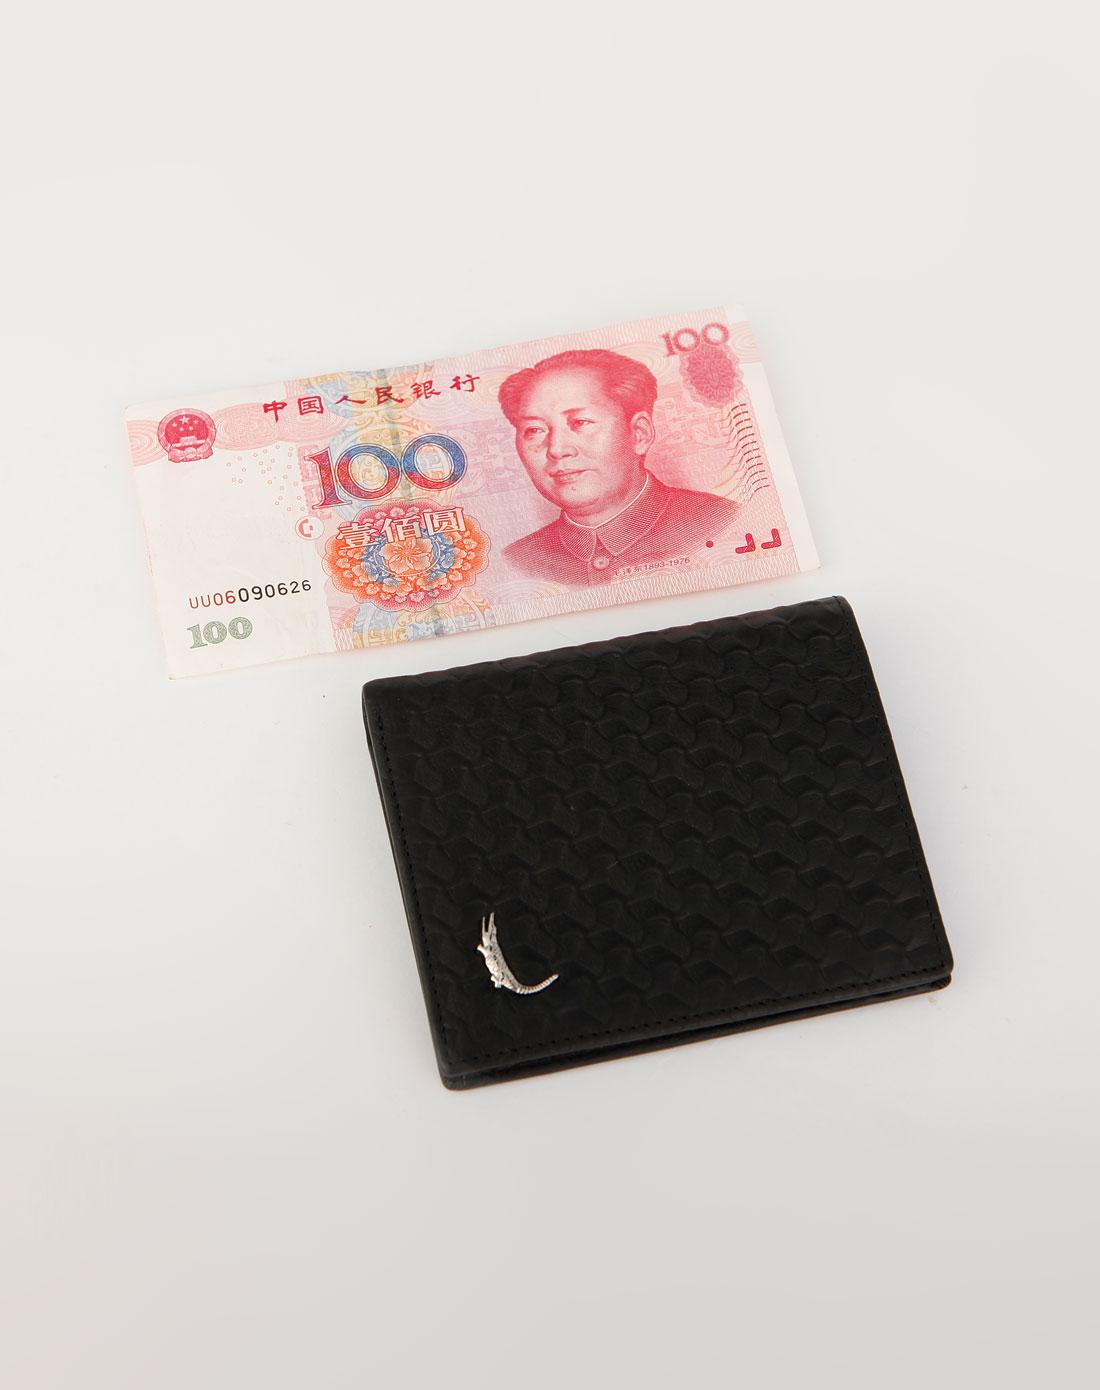 黑色个性钱包_鳄鱼恤crocodile-男包官网特价1.5-3